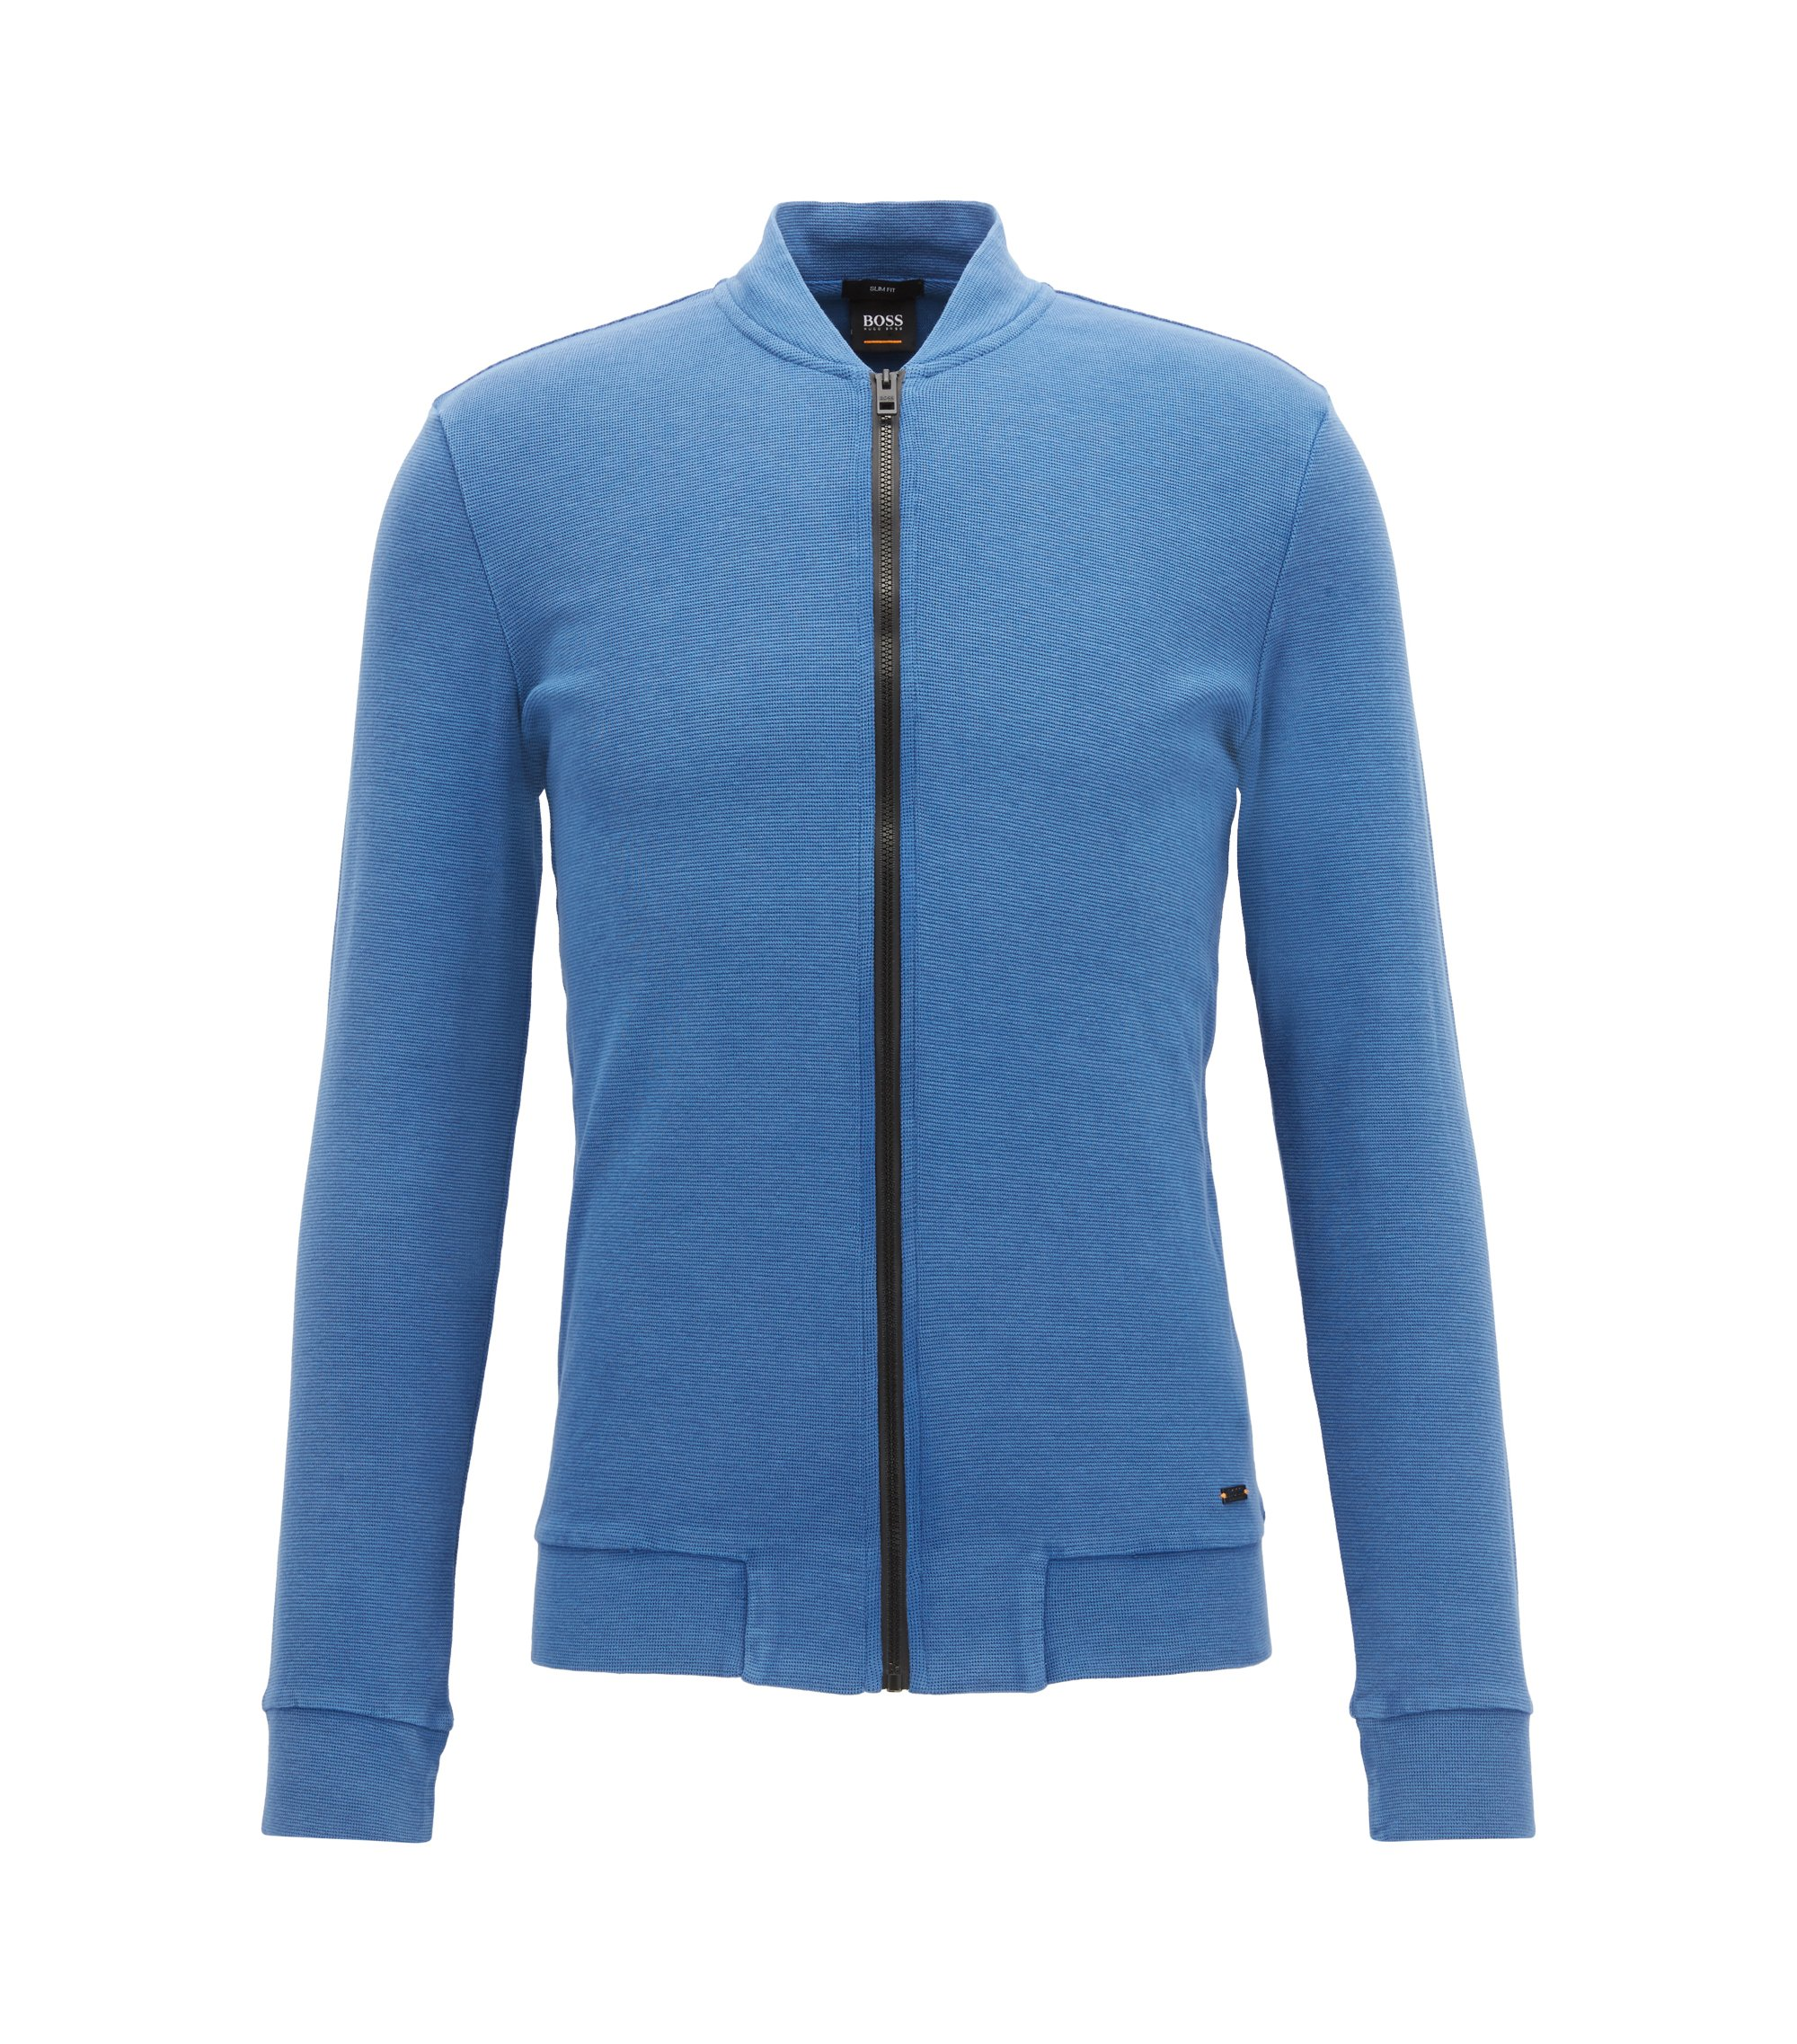 Slim-Fit Reißverschlussjacke aus elastischer Baumwolle, Blau